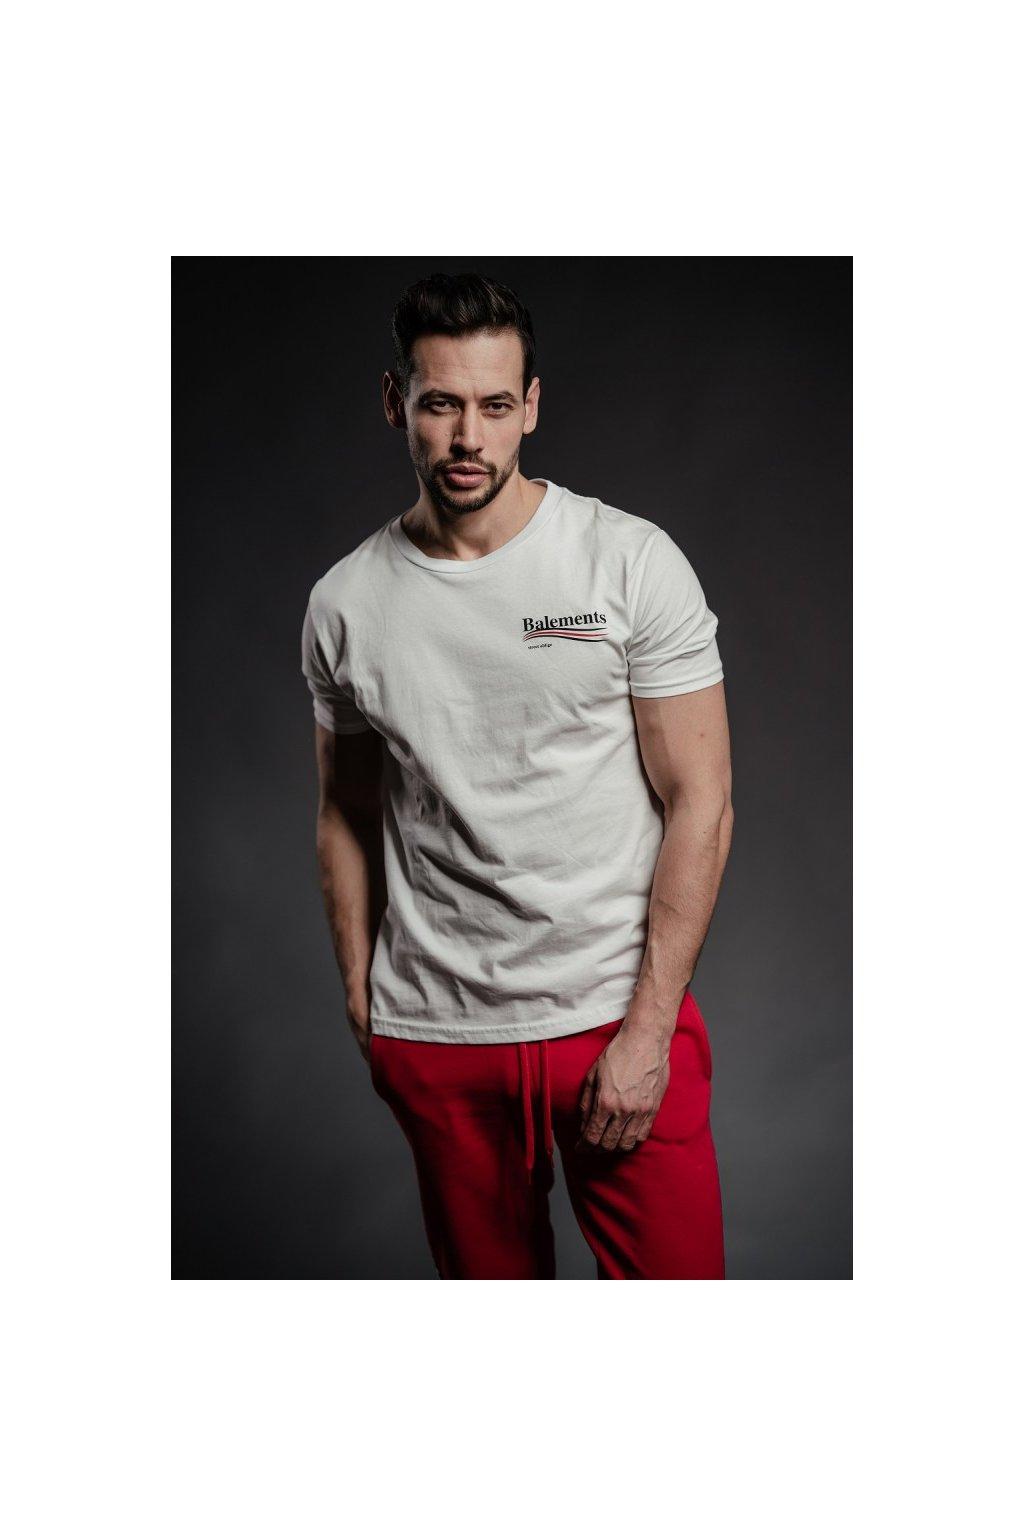 Tričko Balements s nápisem na zádech - bílé (Velikost Velikost L)